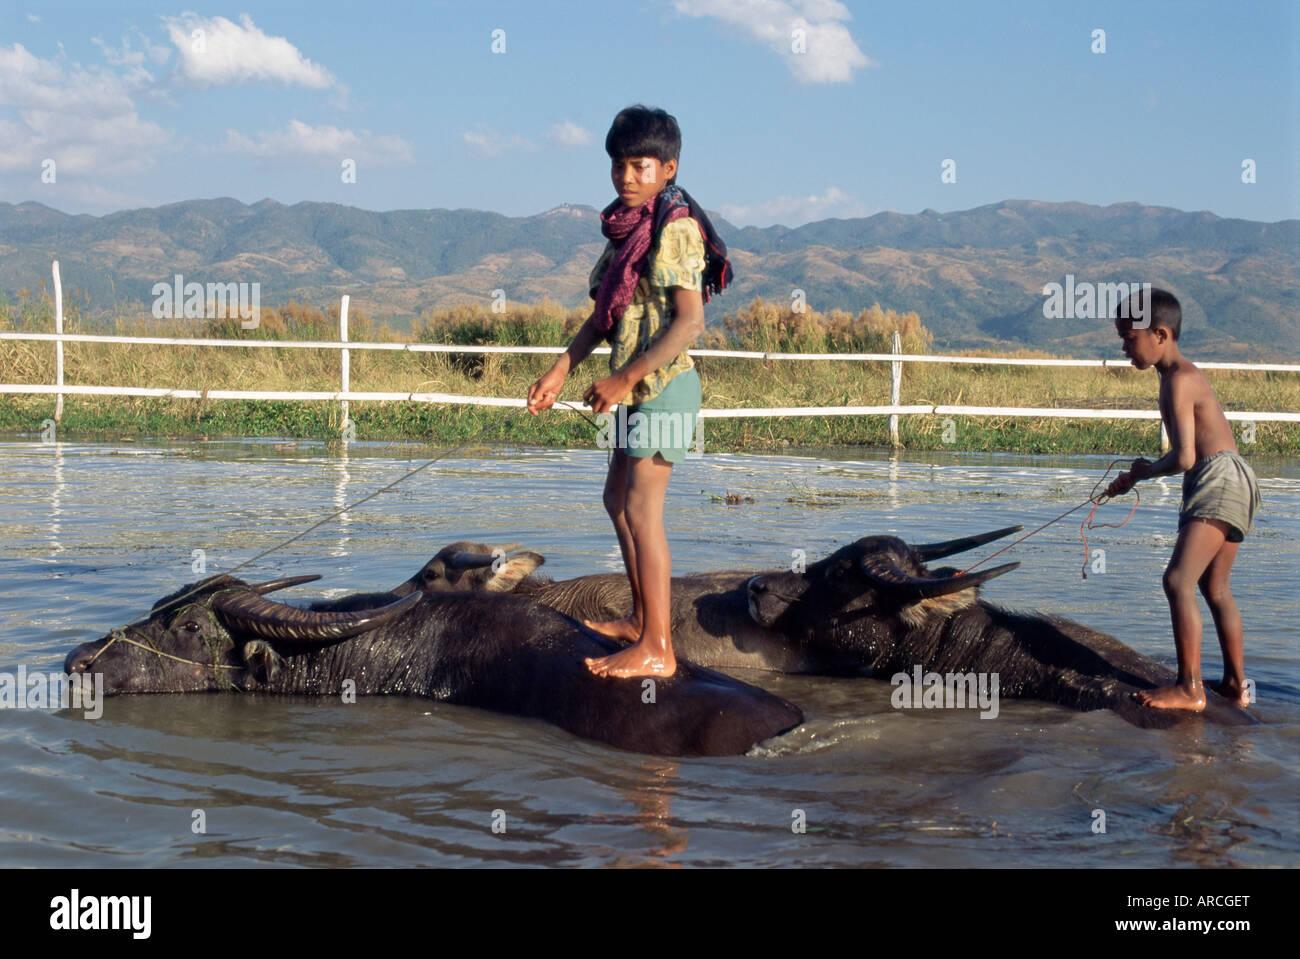 Children riding water buffaloes, Inle Lake, Shan State, Myanmar (Burma), Asia - Stock Image